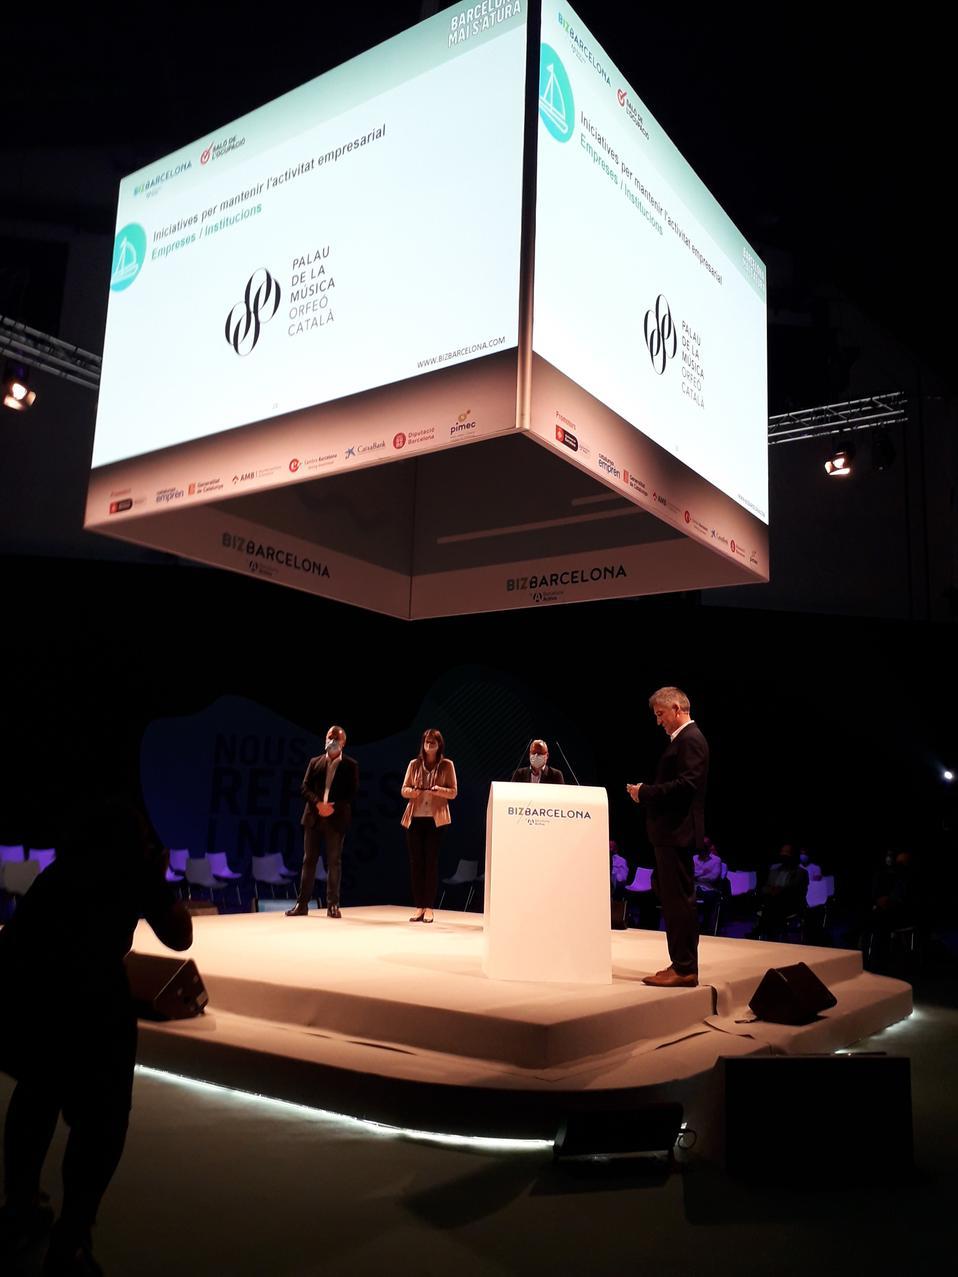 Foto Mercedes Conde recollint el premi BizBarcelona